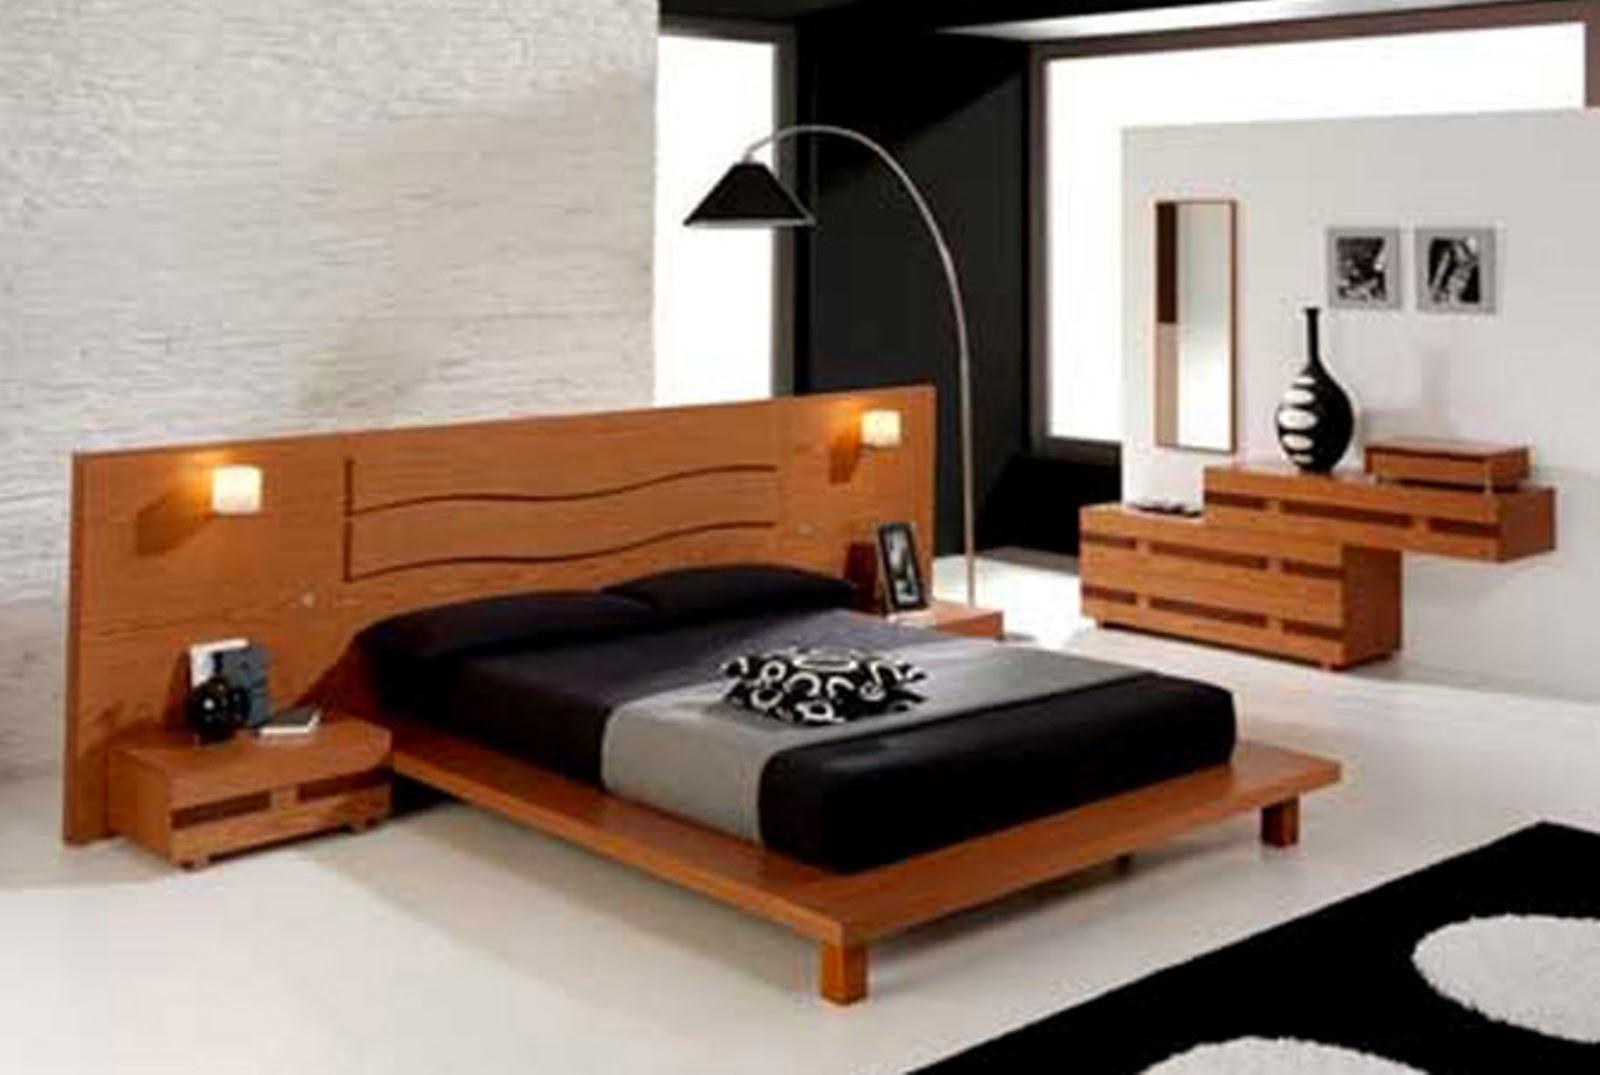 desain tempat tidur minimalis dari kayu | gambar desain rumah minimalis